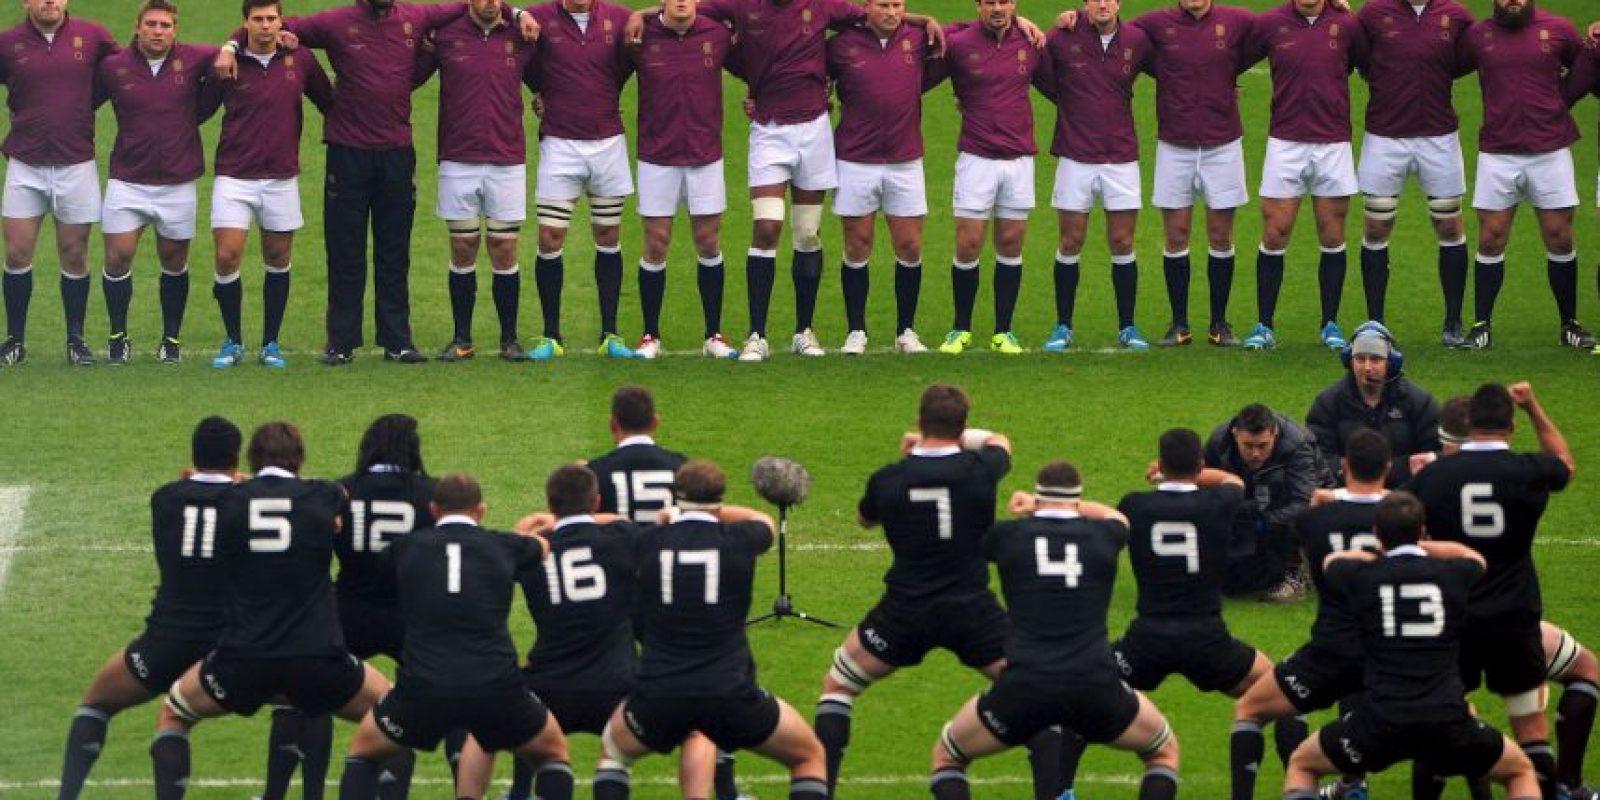 """Aceptémoslo. La mayoría de la gente que no sigue al rugby, tiene alguna noción de este deporte gracias a los neozelandeses y a su tradicional """"haka"""". Foto:Getty Images"""